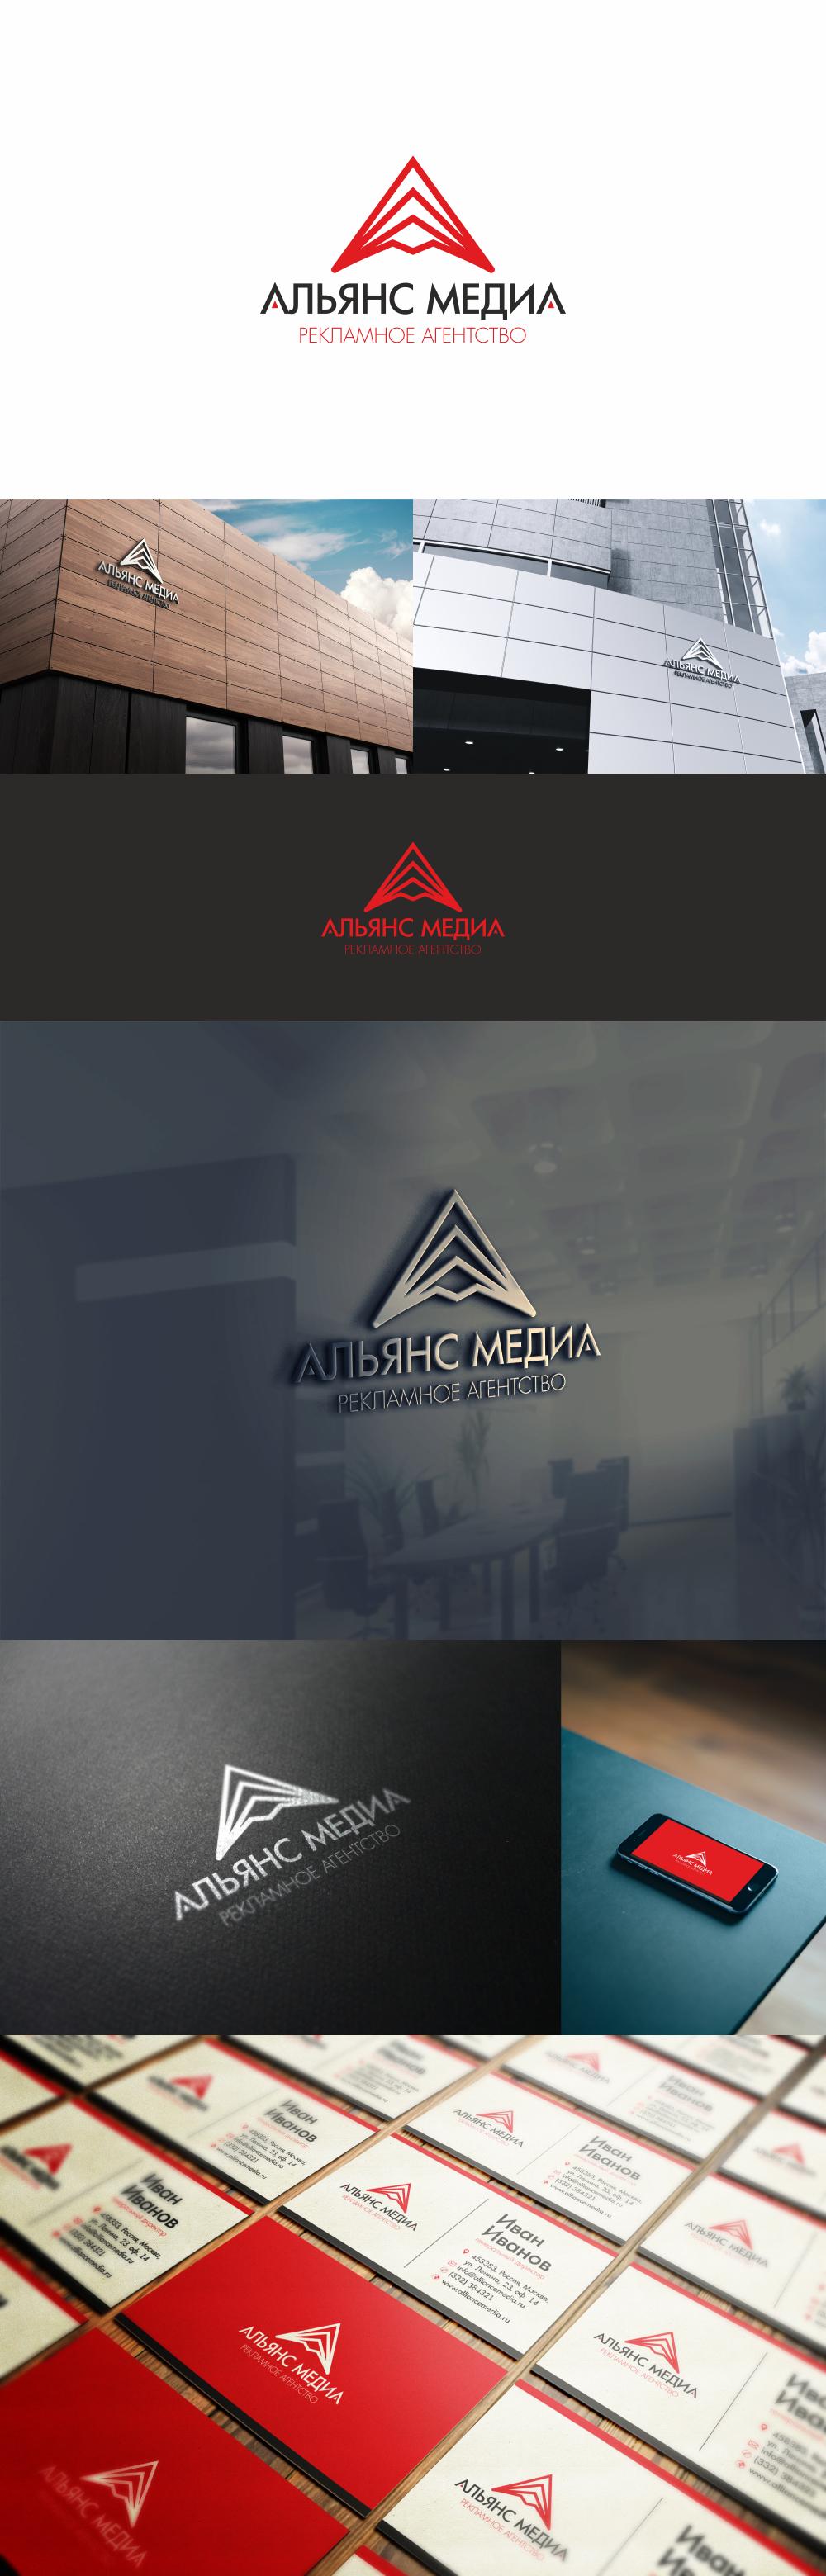 Создать логотип для компании фото f_7345ab8af5eb929c.jpg